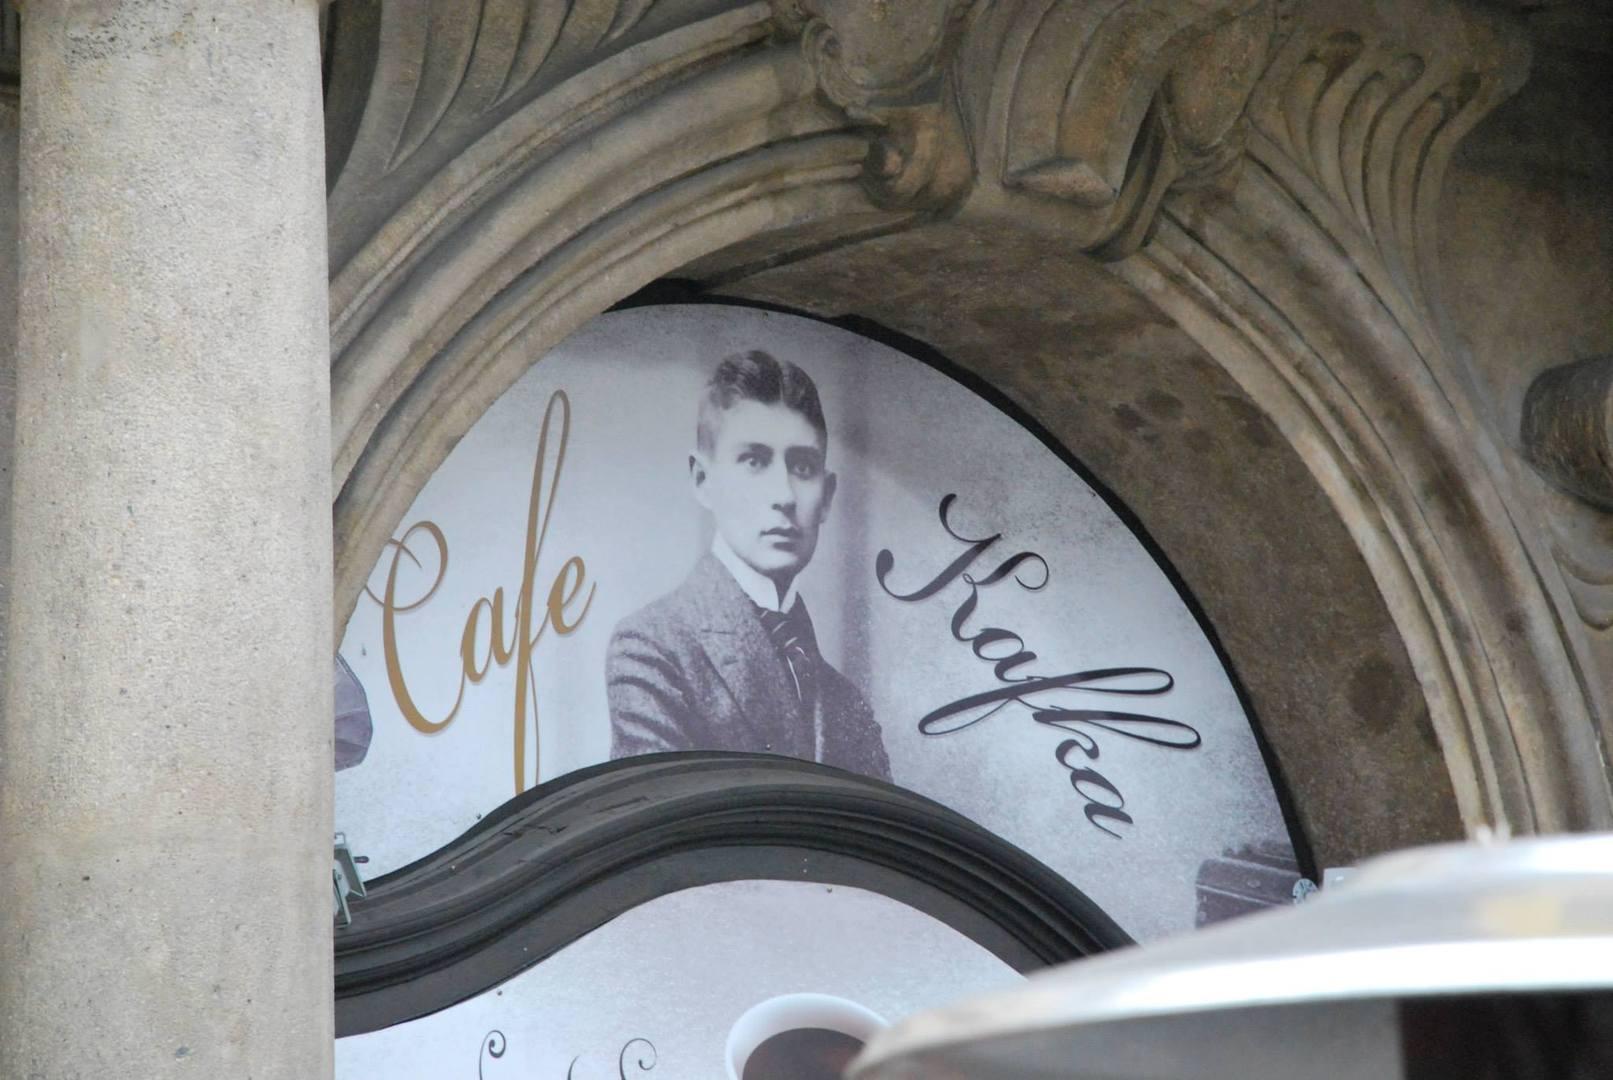 בית קפה הנושא את שמו של קפקא